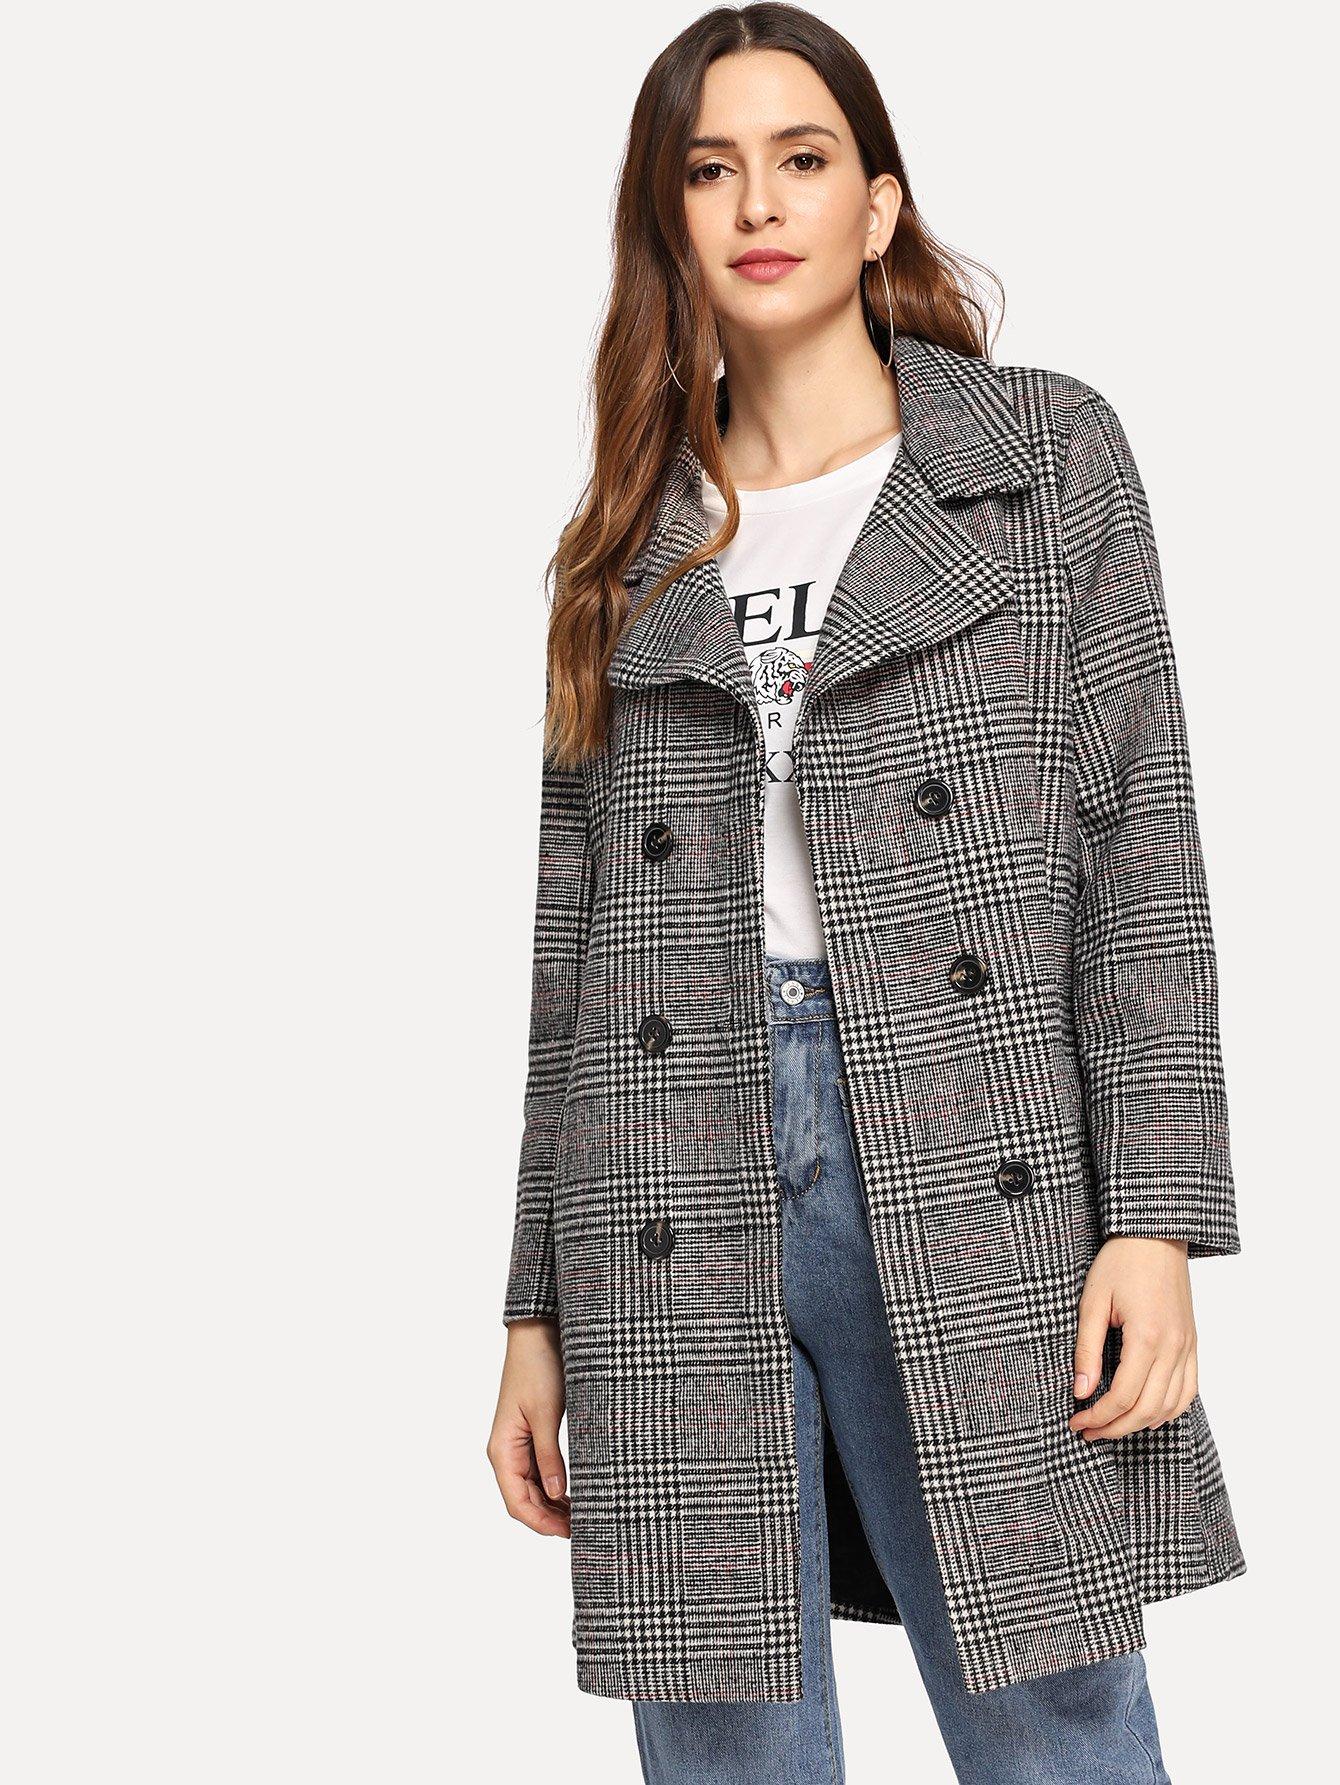 Повседневный стиль Клетчатый Двойная кнопка Тренч Пальто Черный Пальто SheIn